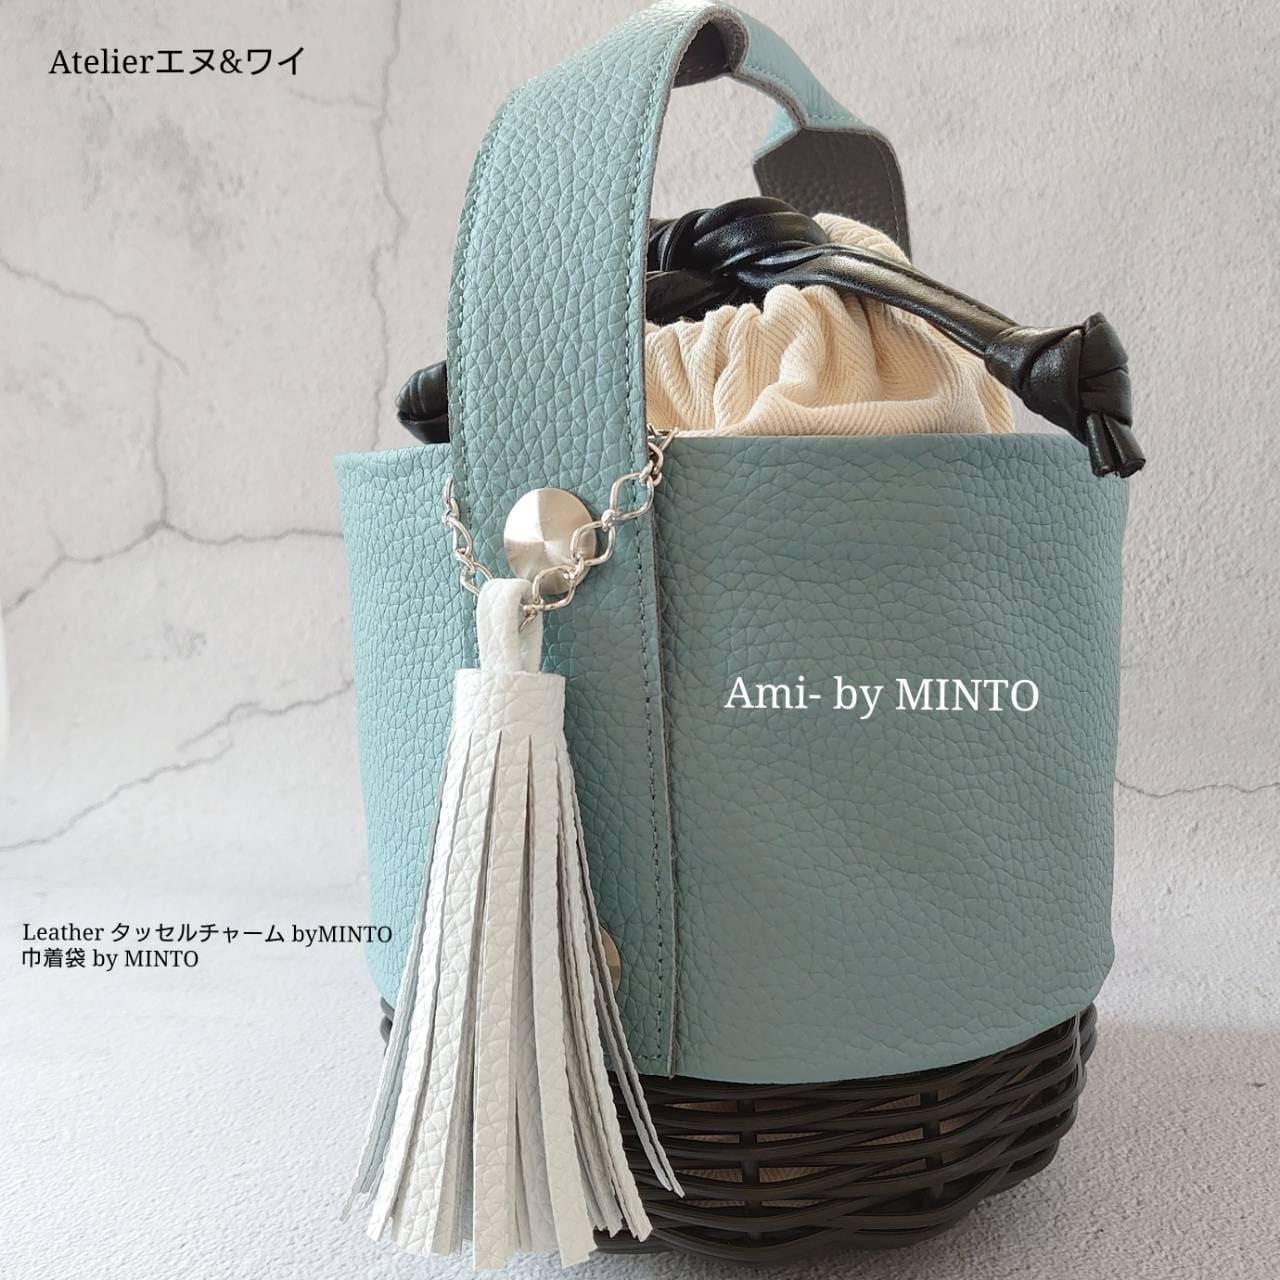 対面レッスン かごから編みます!綺麗なLeatherキットのMINTOシリーズ 【Ami-】by MINTO オンライン要ご相談のイメージその1